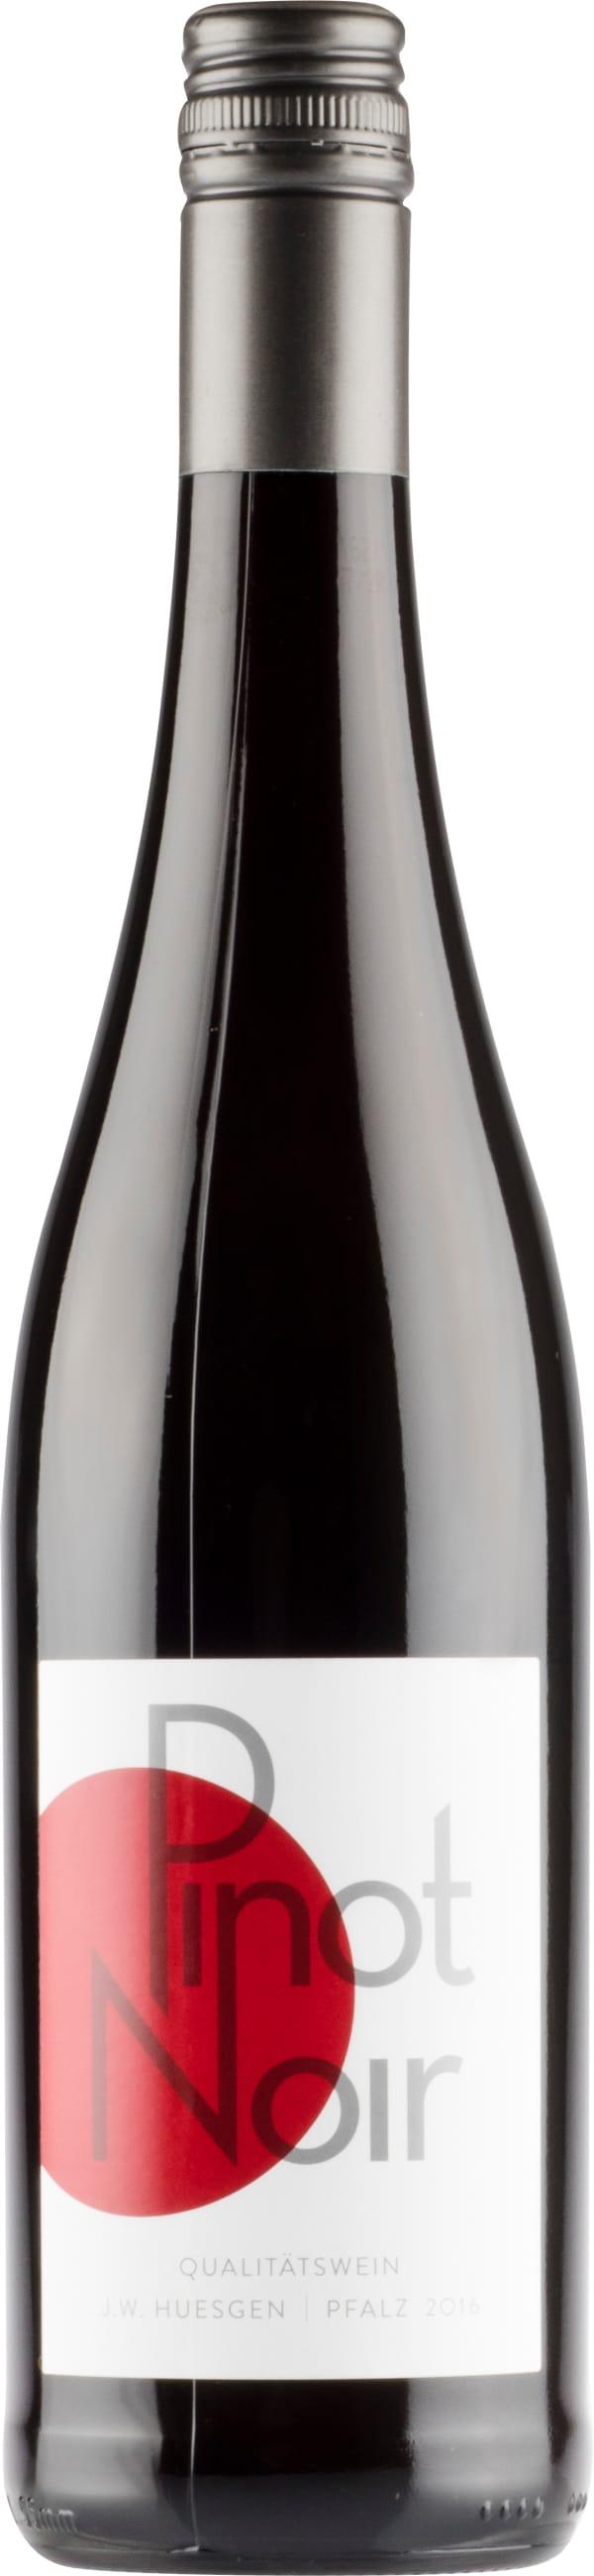 J.W. Huesgen Pinot Noir 2017